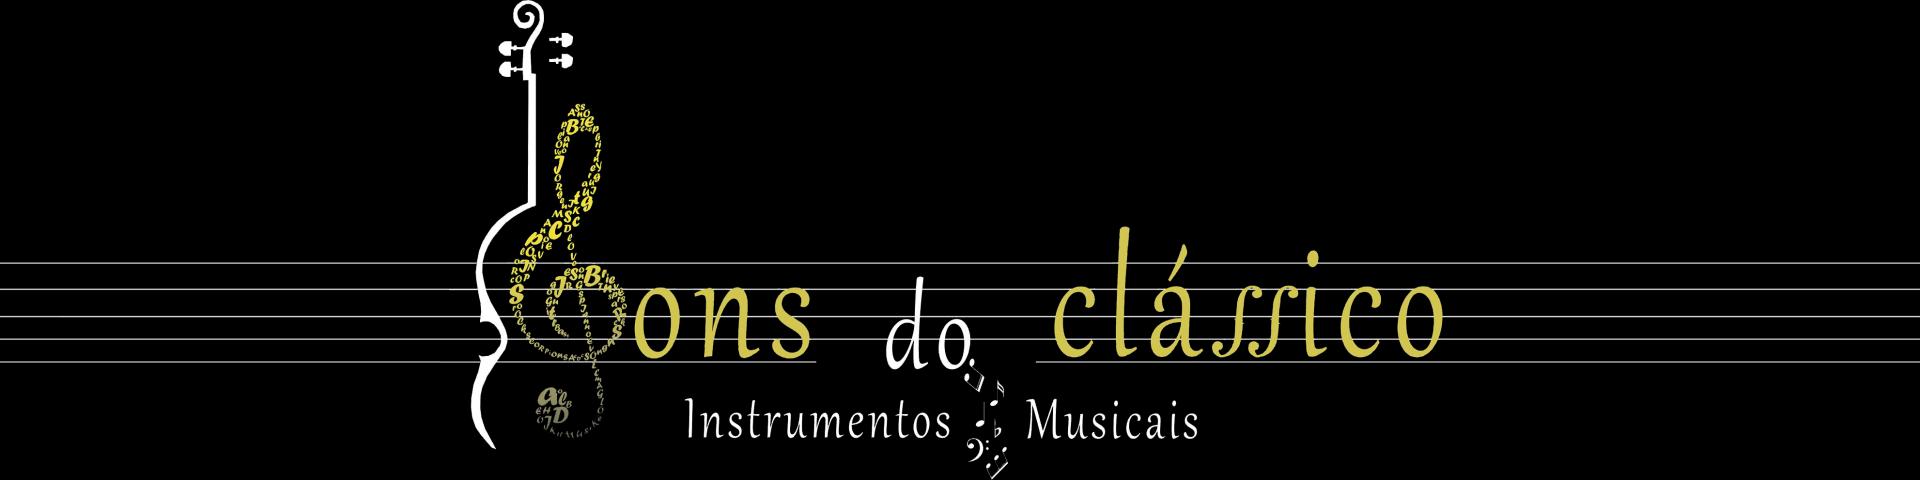 SONS DO CLASSICO